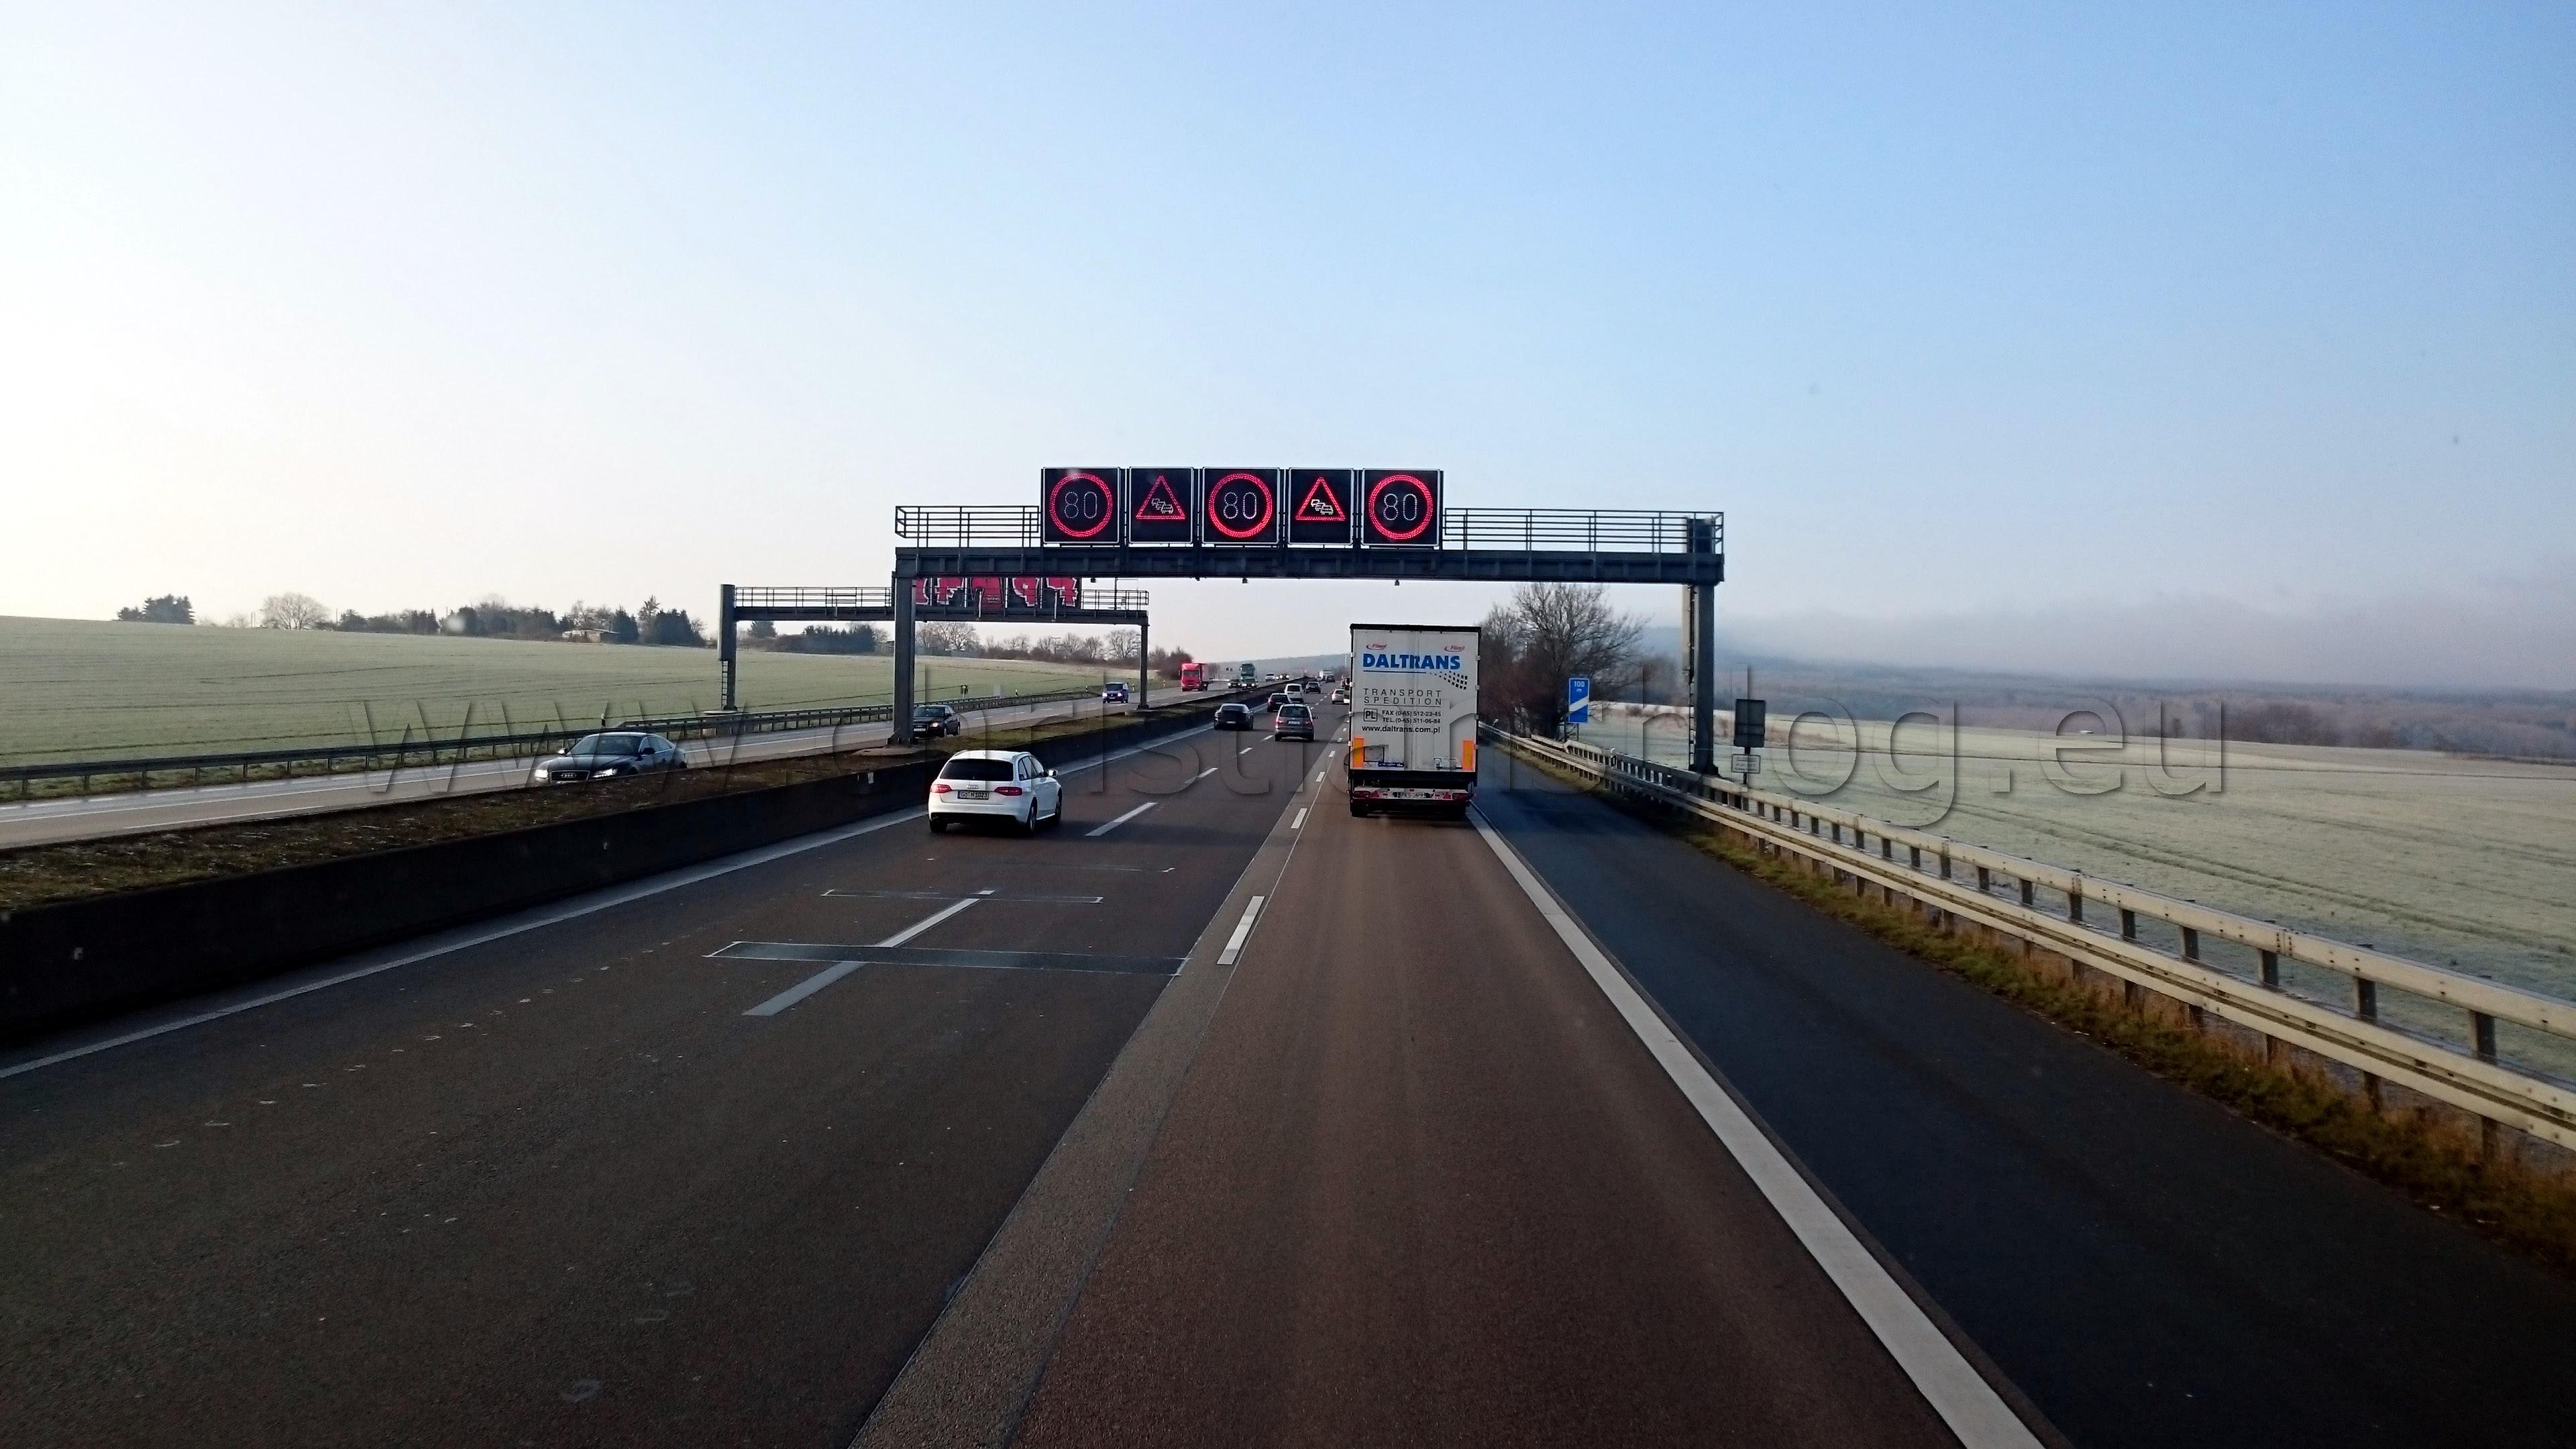 Frankreich: Beifahrerzeiten sind jetzt Lenkzeit [UPDATE]